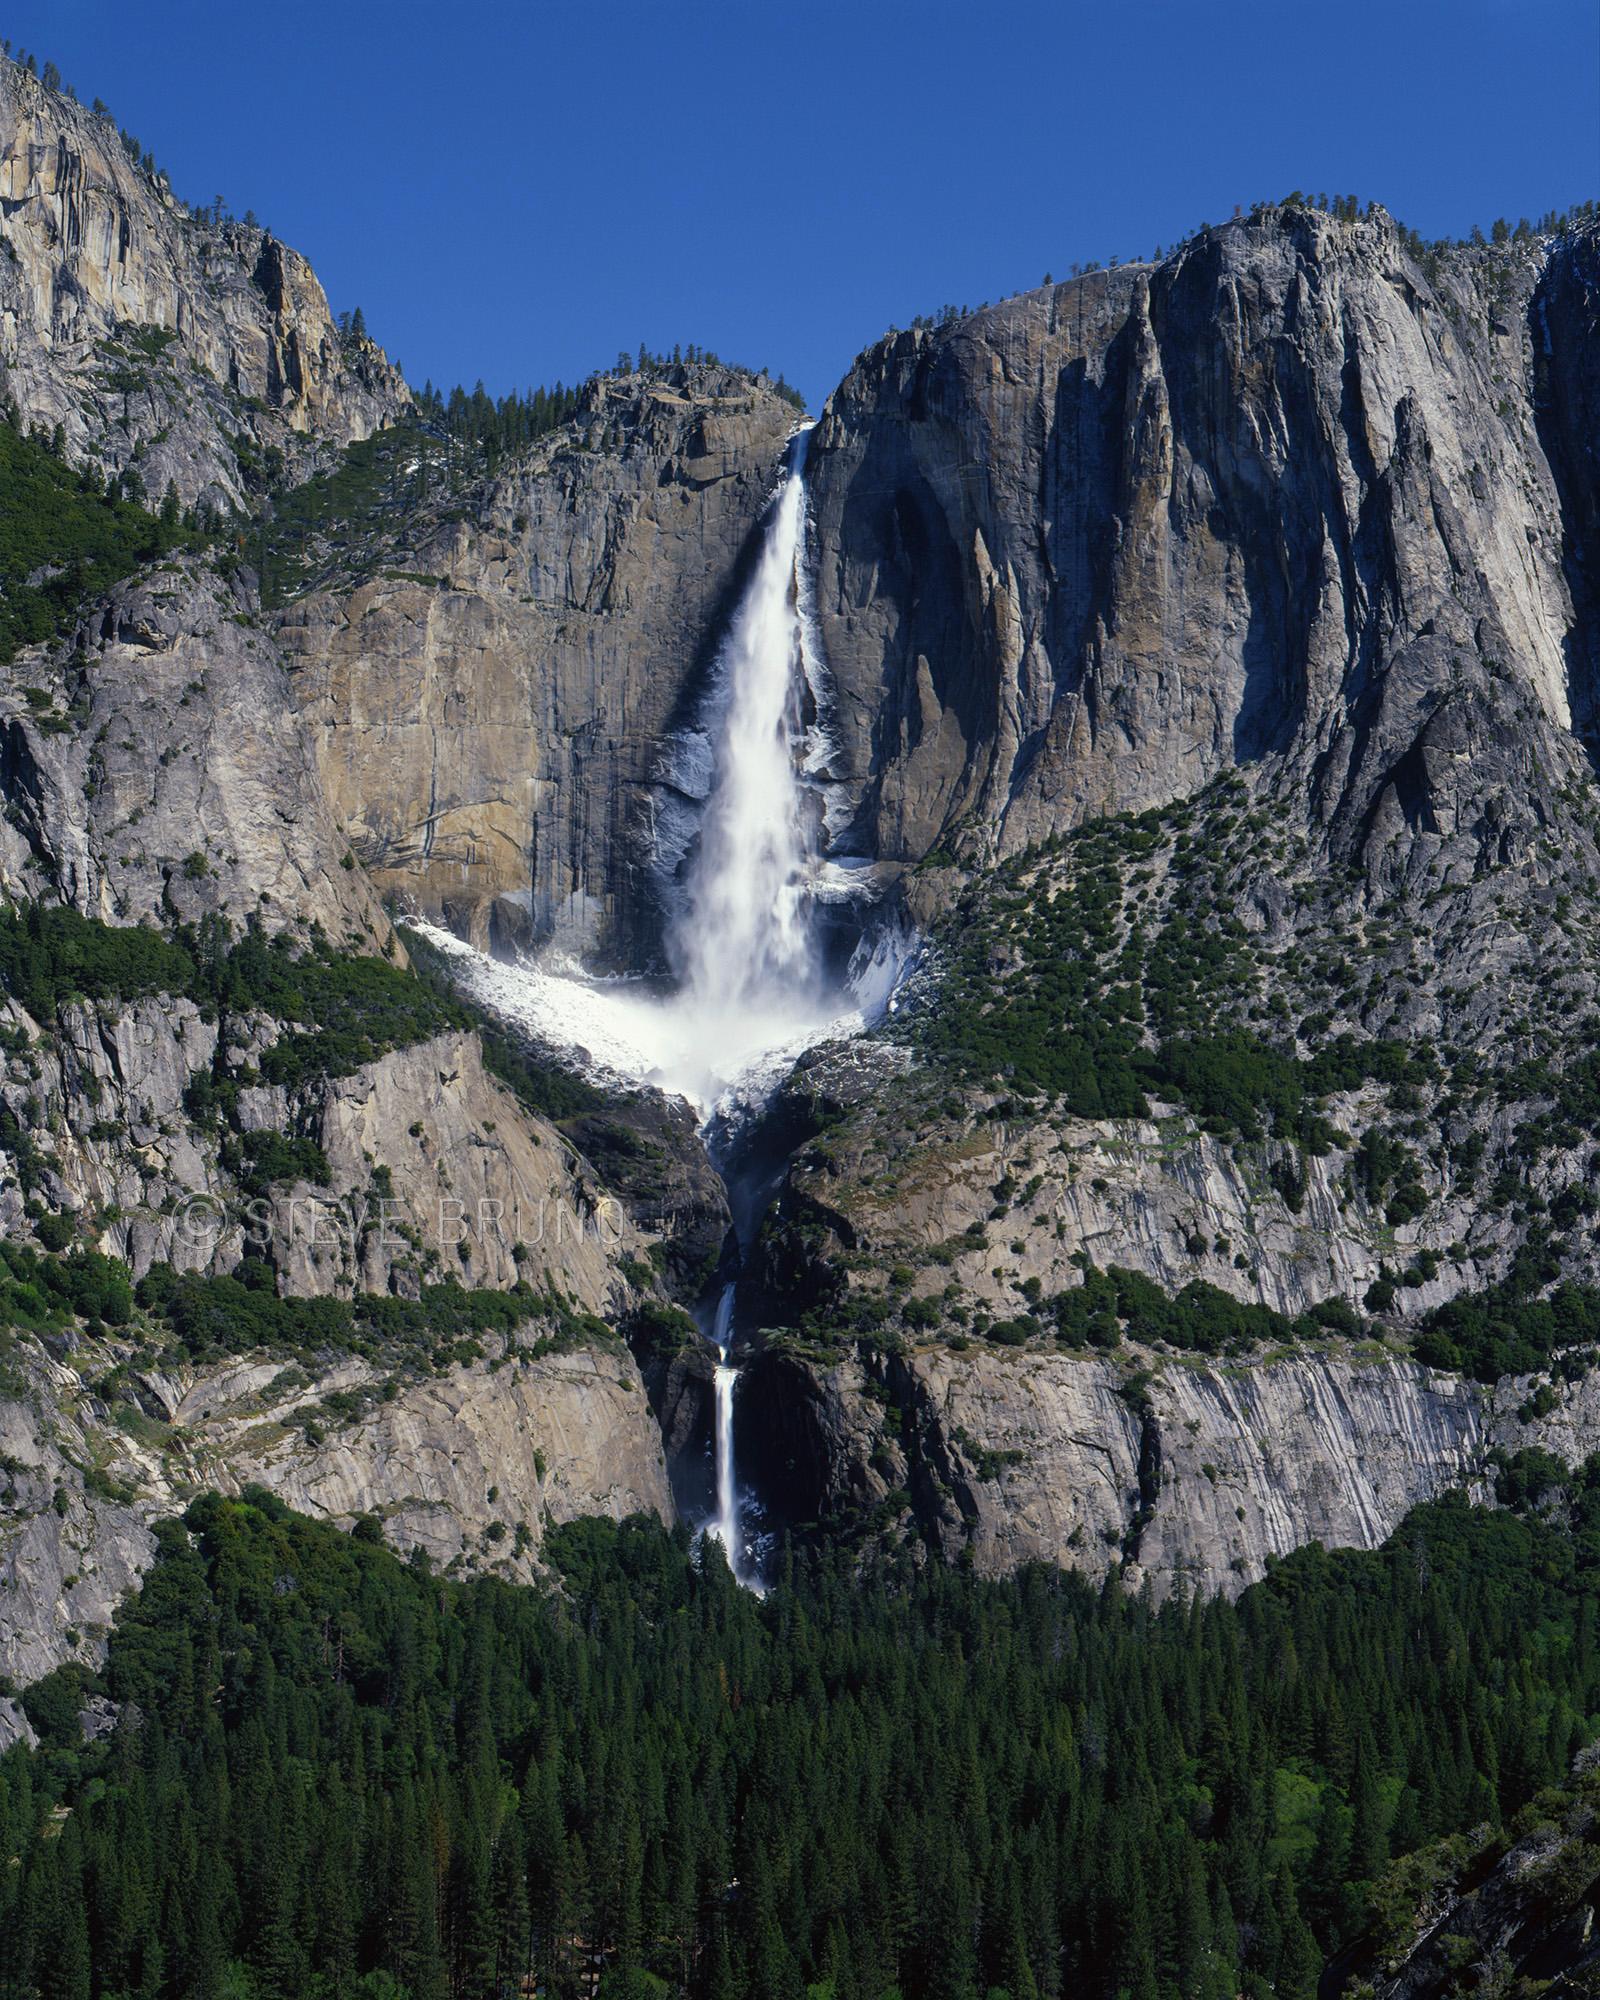 Yosemite Falls in spring, Yosemite National Park, California